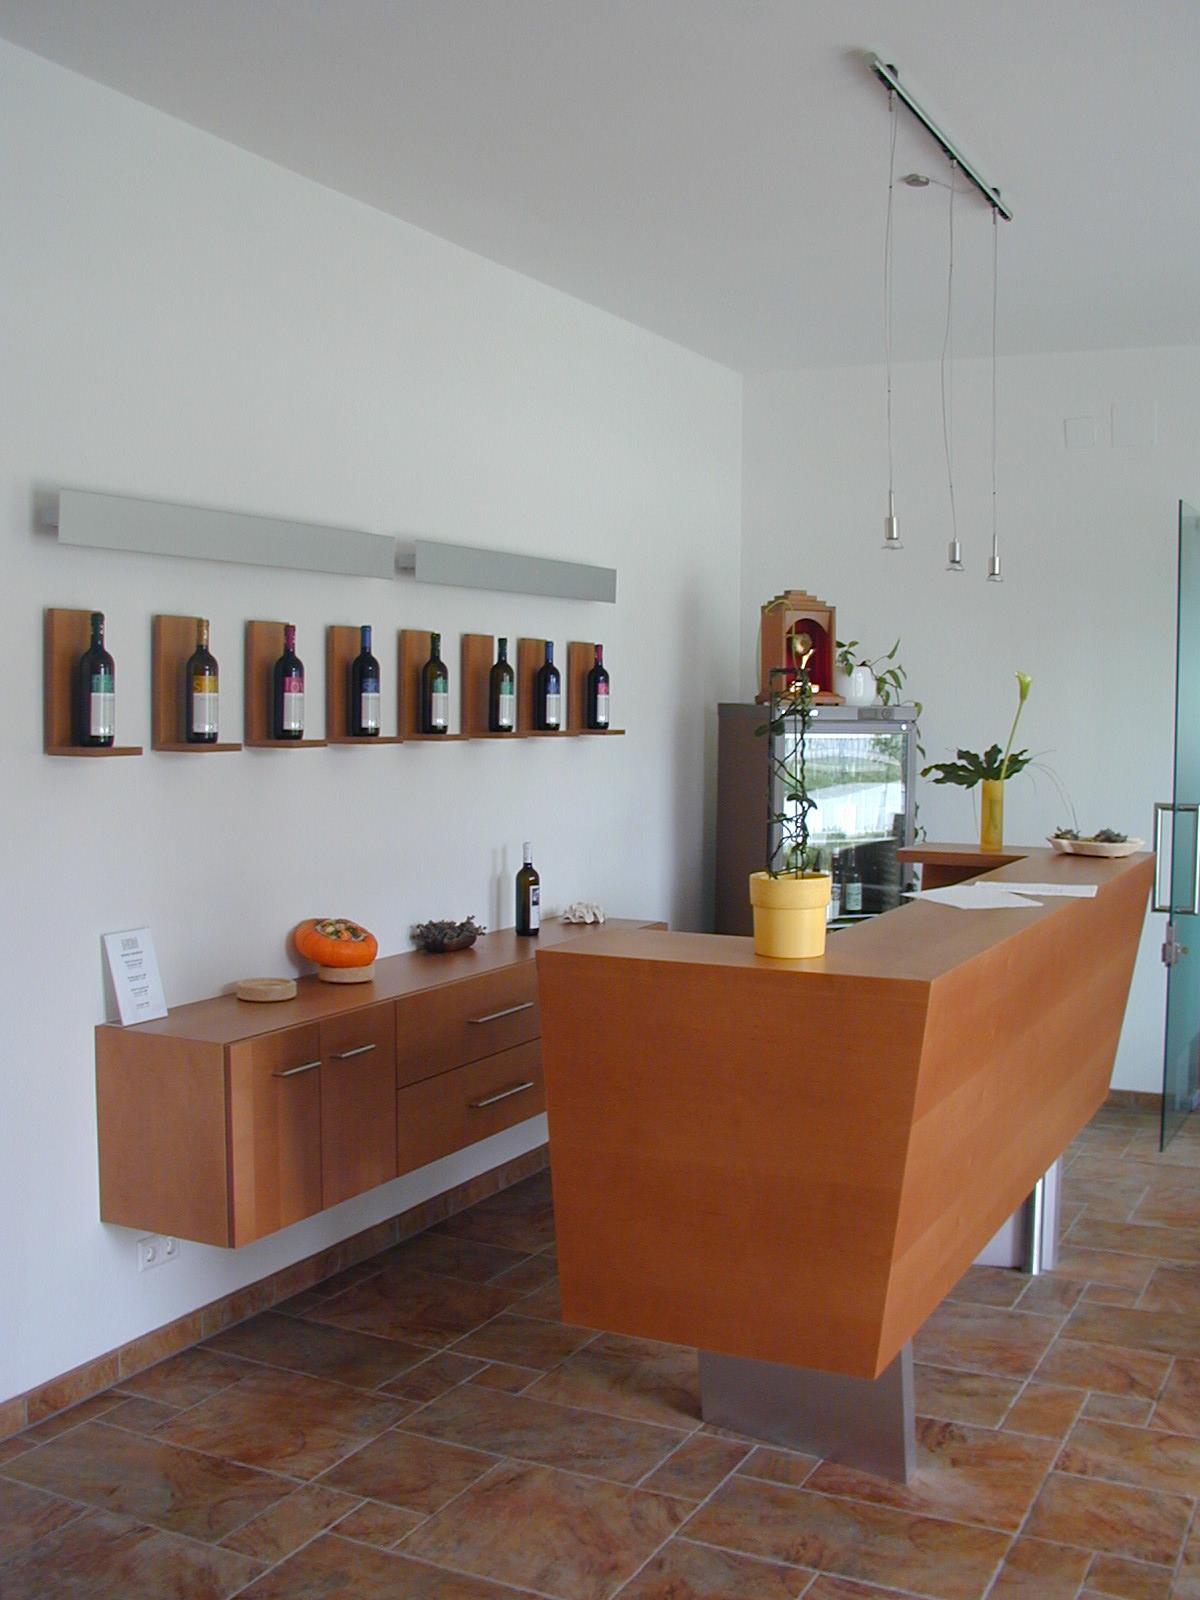 Gastronomie-Tischlerei-Pichler